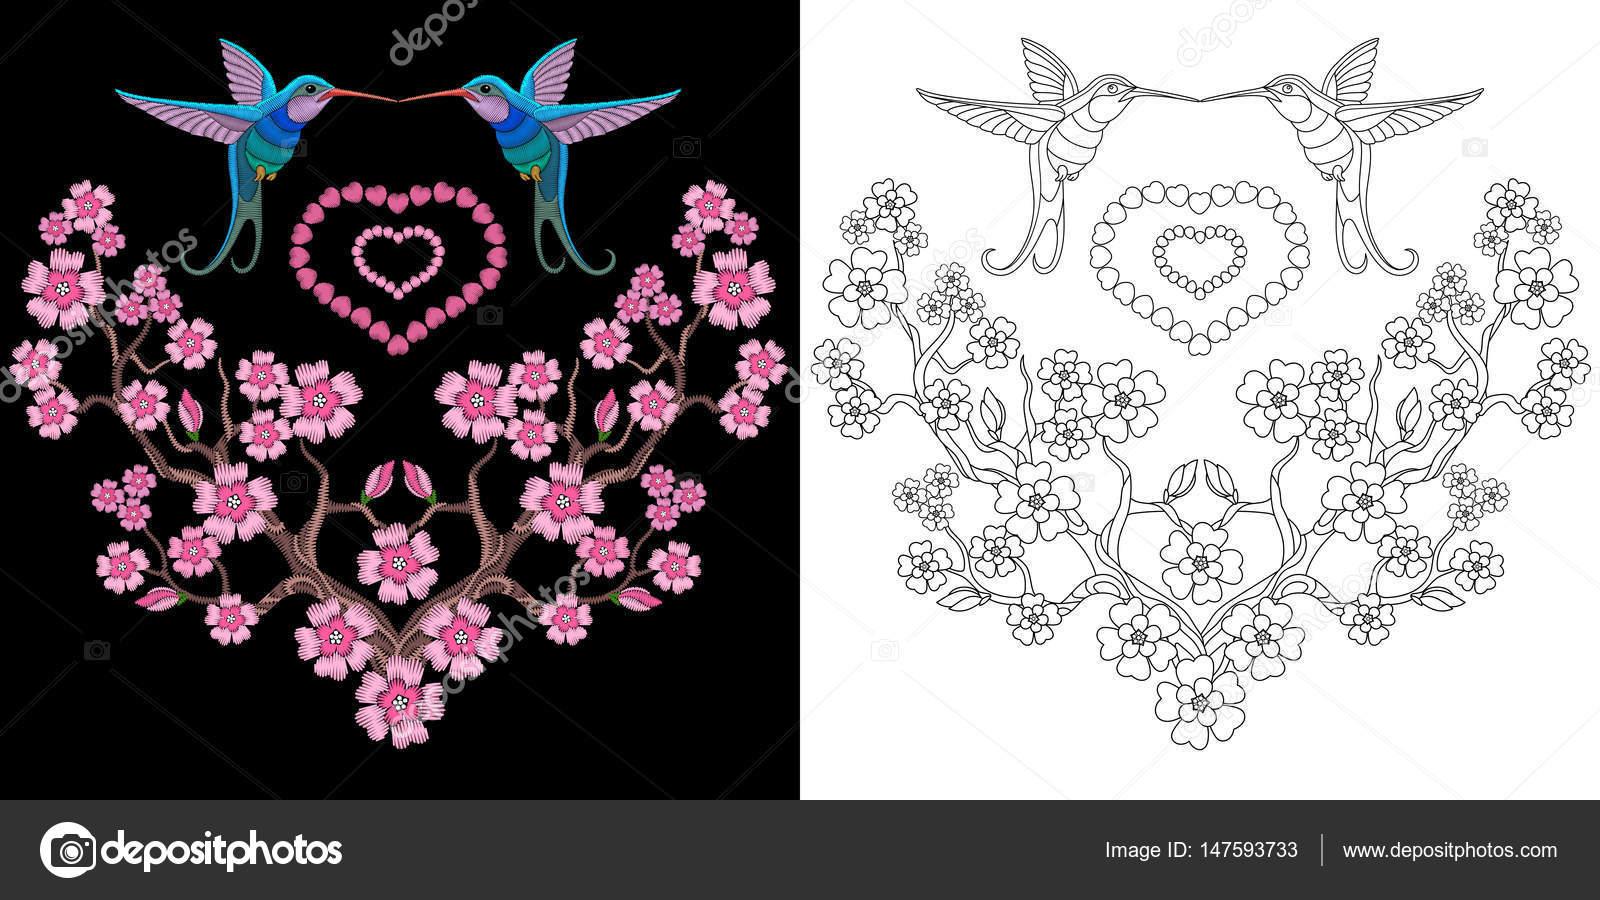 Imágenes: colibrí para descargar | diseño del bordado de colibrí y ...